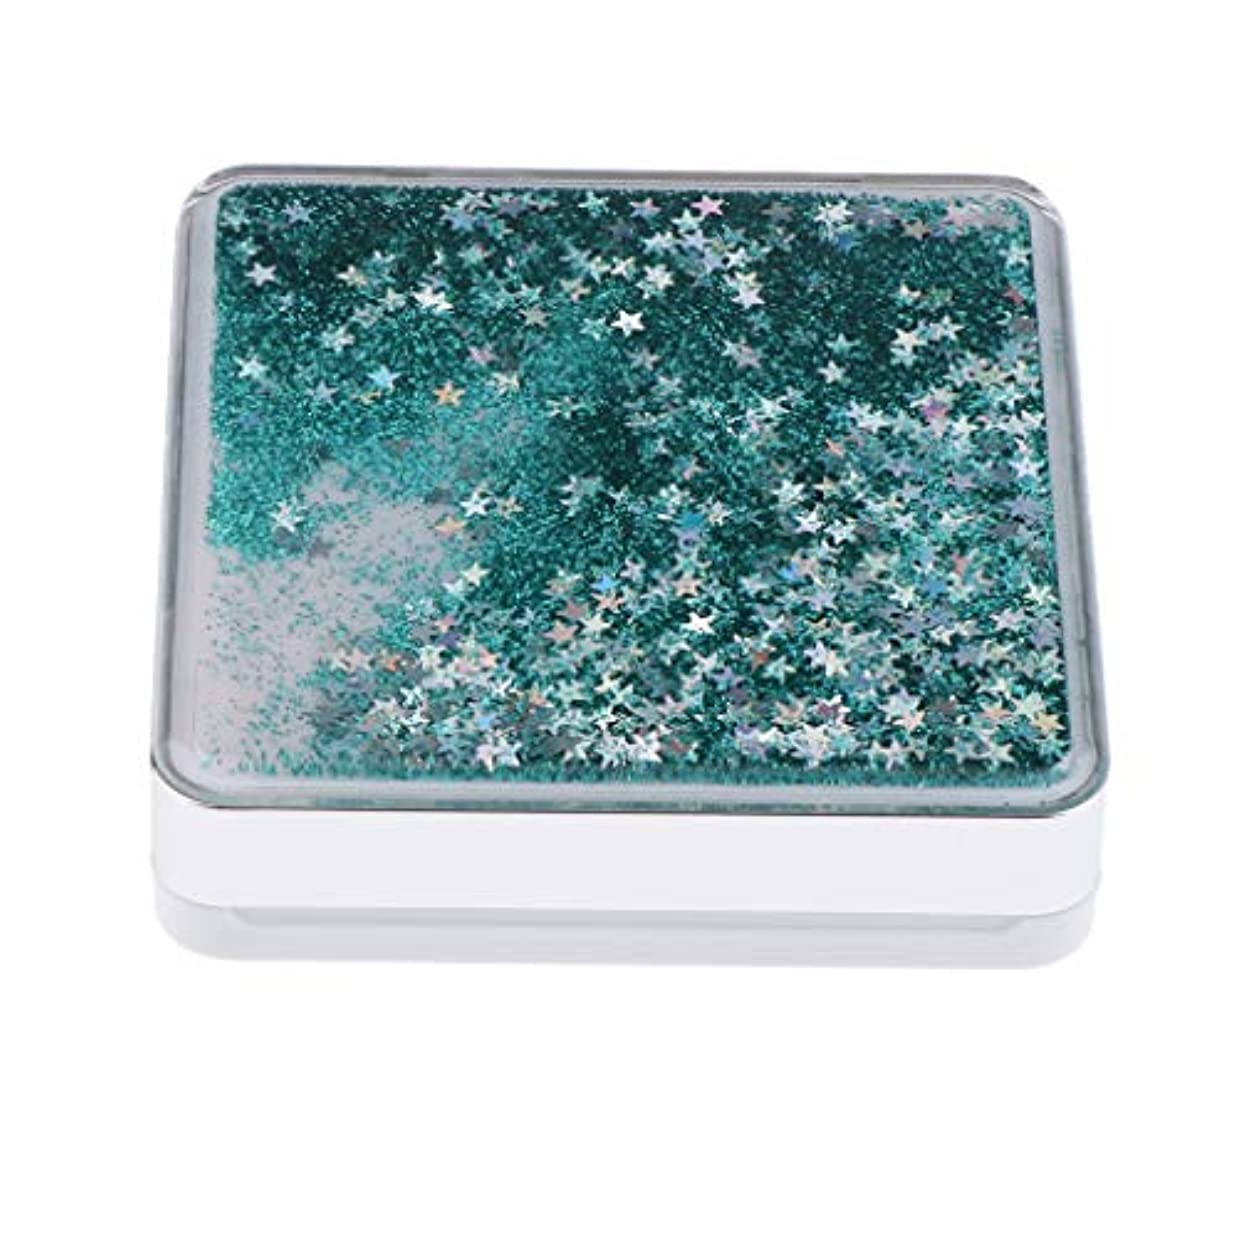 開拓者表面オフェンスエアクッションケース パフ 化粧鏡 ミラー付き コンパクト 旅行小物 化粧品ケース 3色選べ - 緑